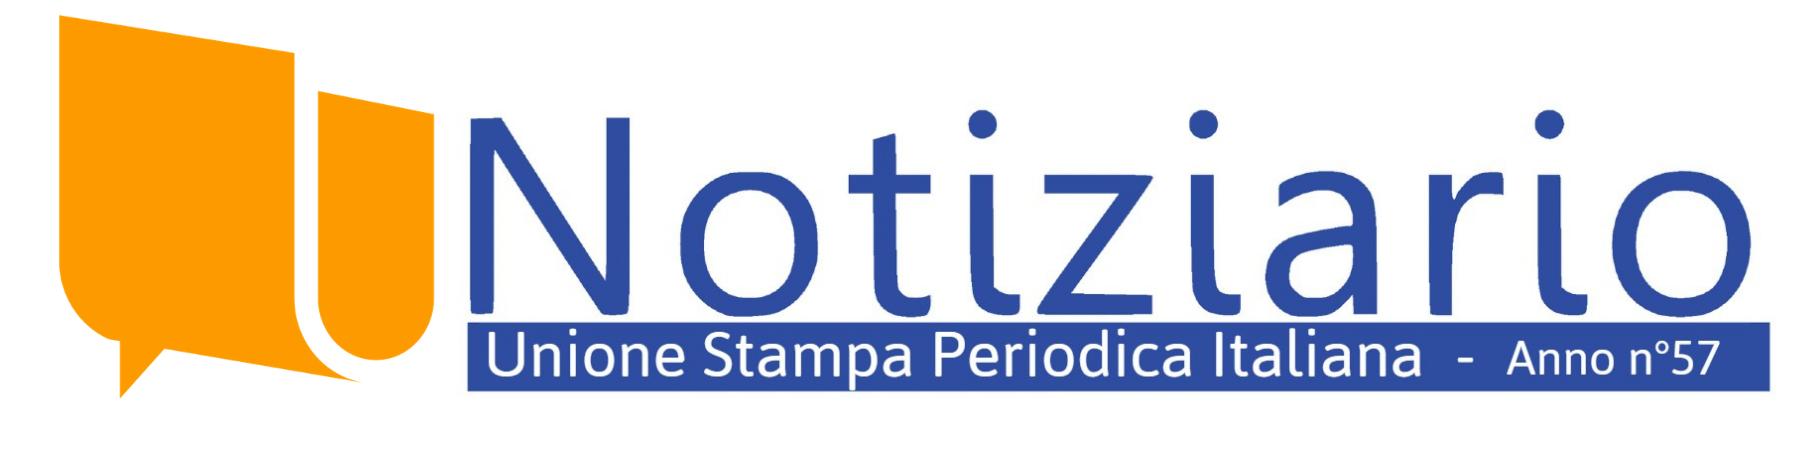 USPI - Unione Stampa Periodica Italiana